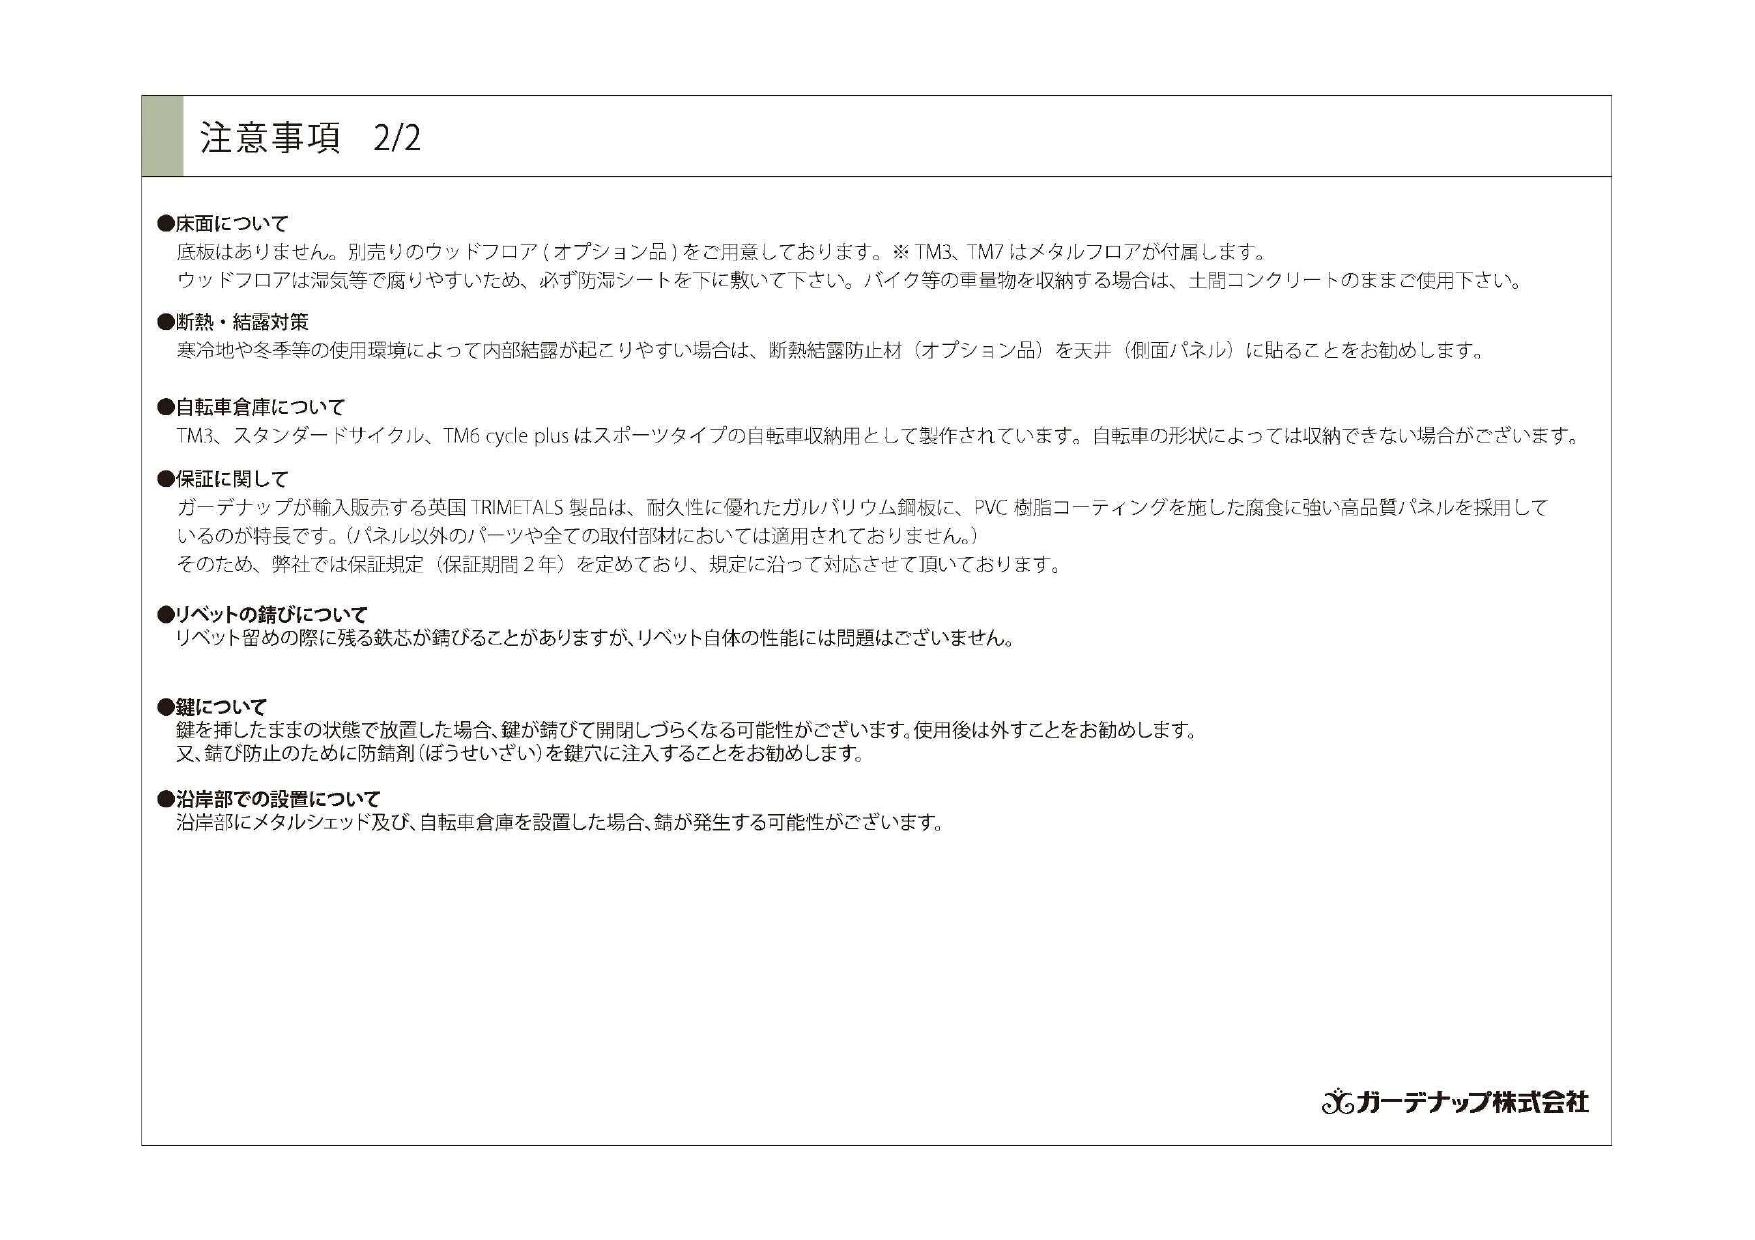 ミニストレージTM4 説明書_page-0015